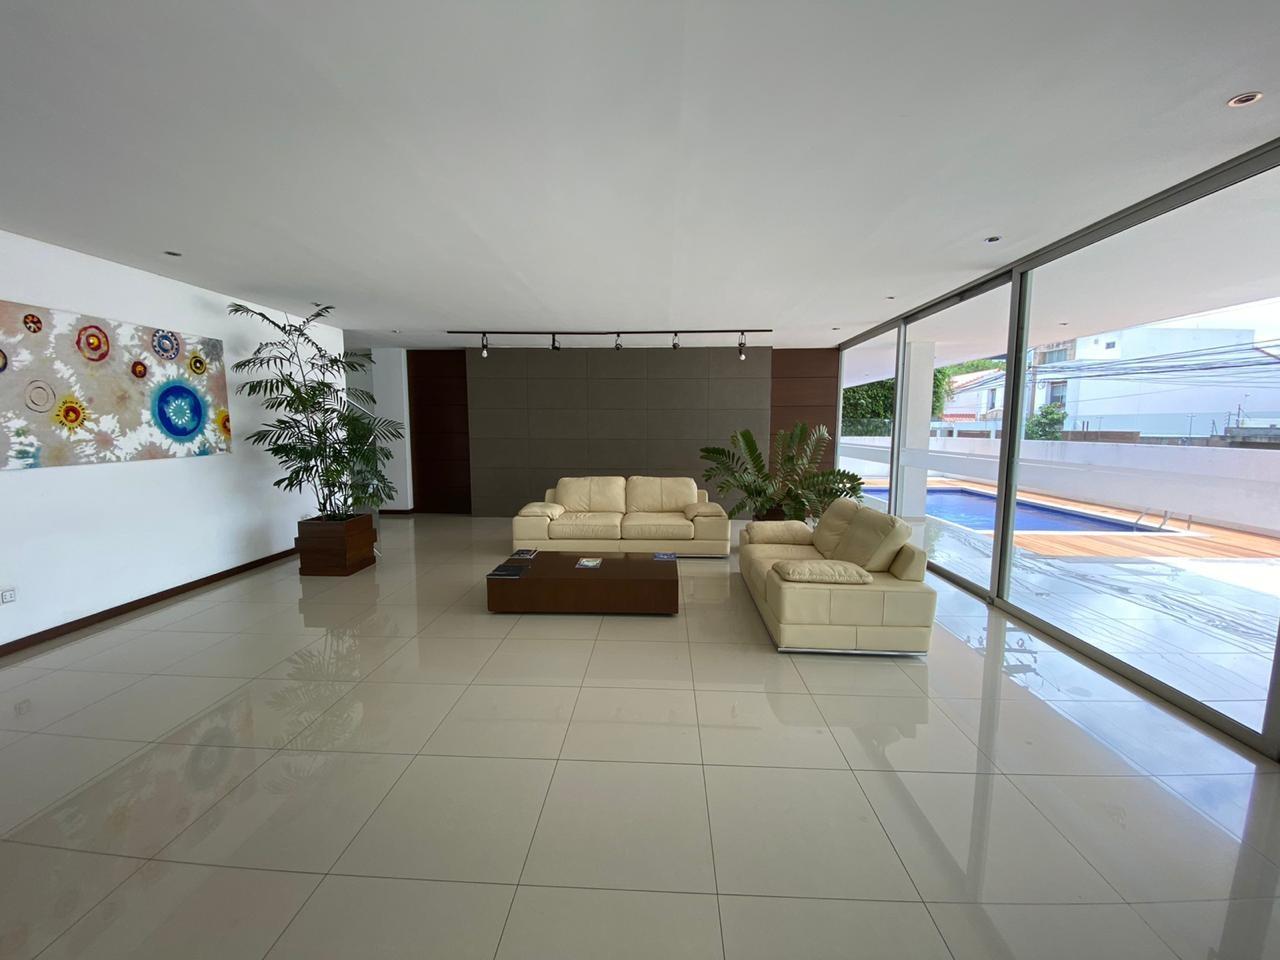 Departamento en Venta BARRIO LAS PALMAS, CONDOMINIO MONTPELLIER  Foto 13